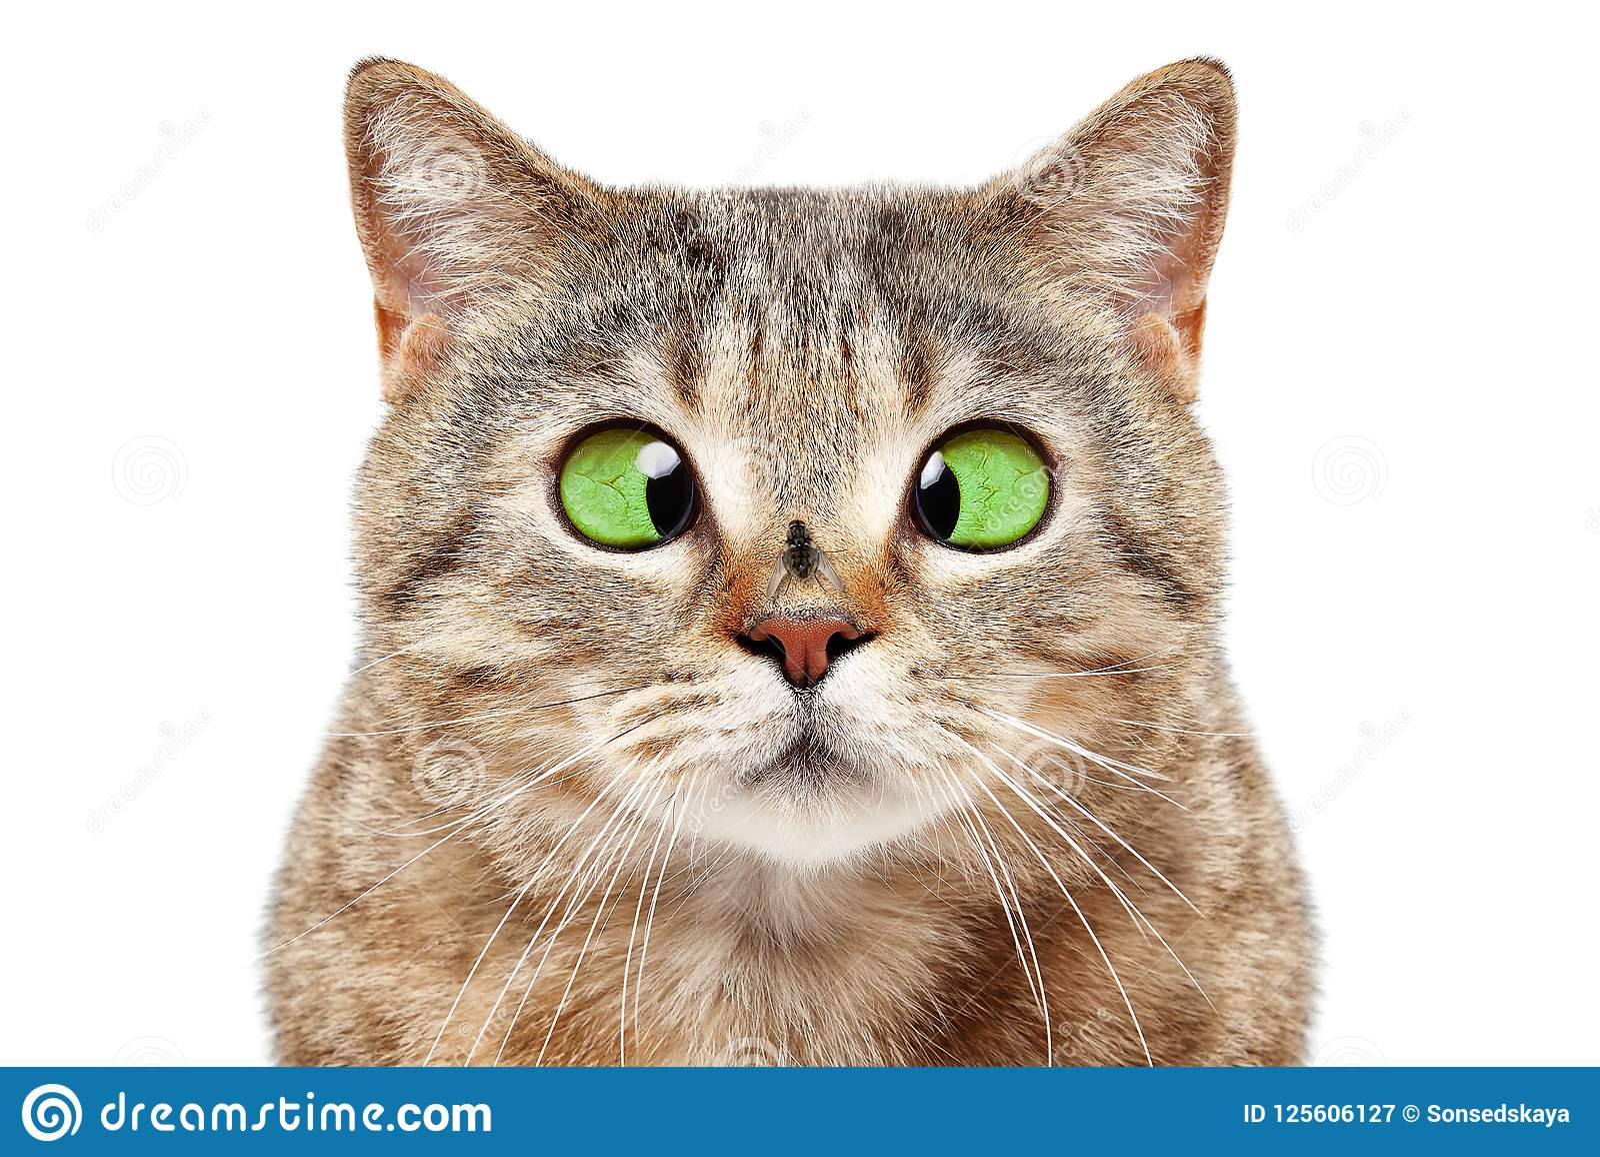 Retrato del gato divertido con una mosca en su nariz